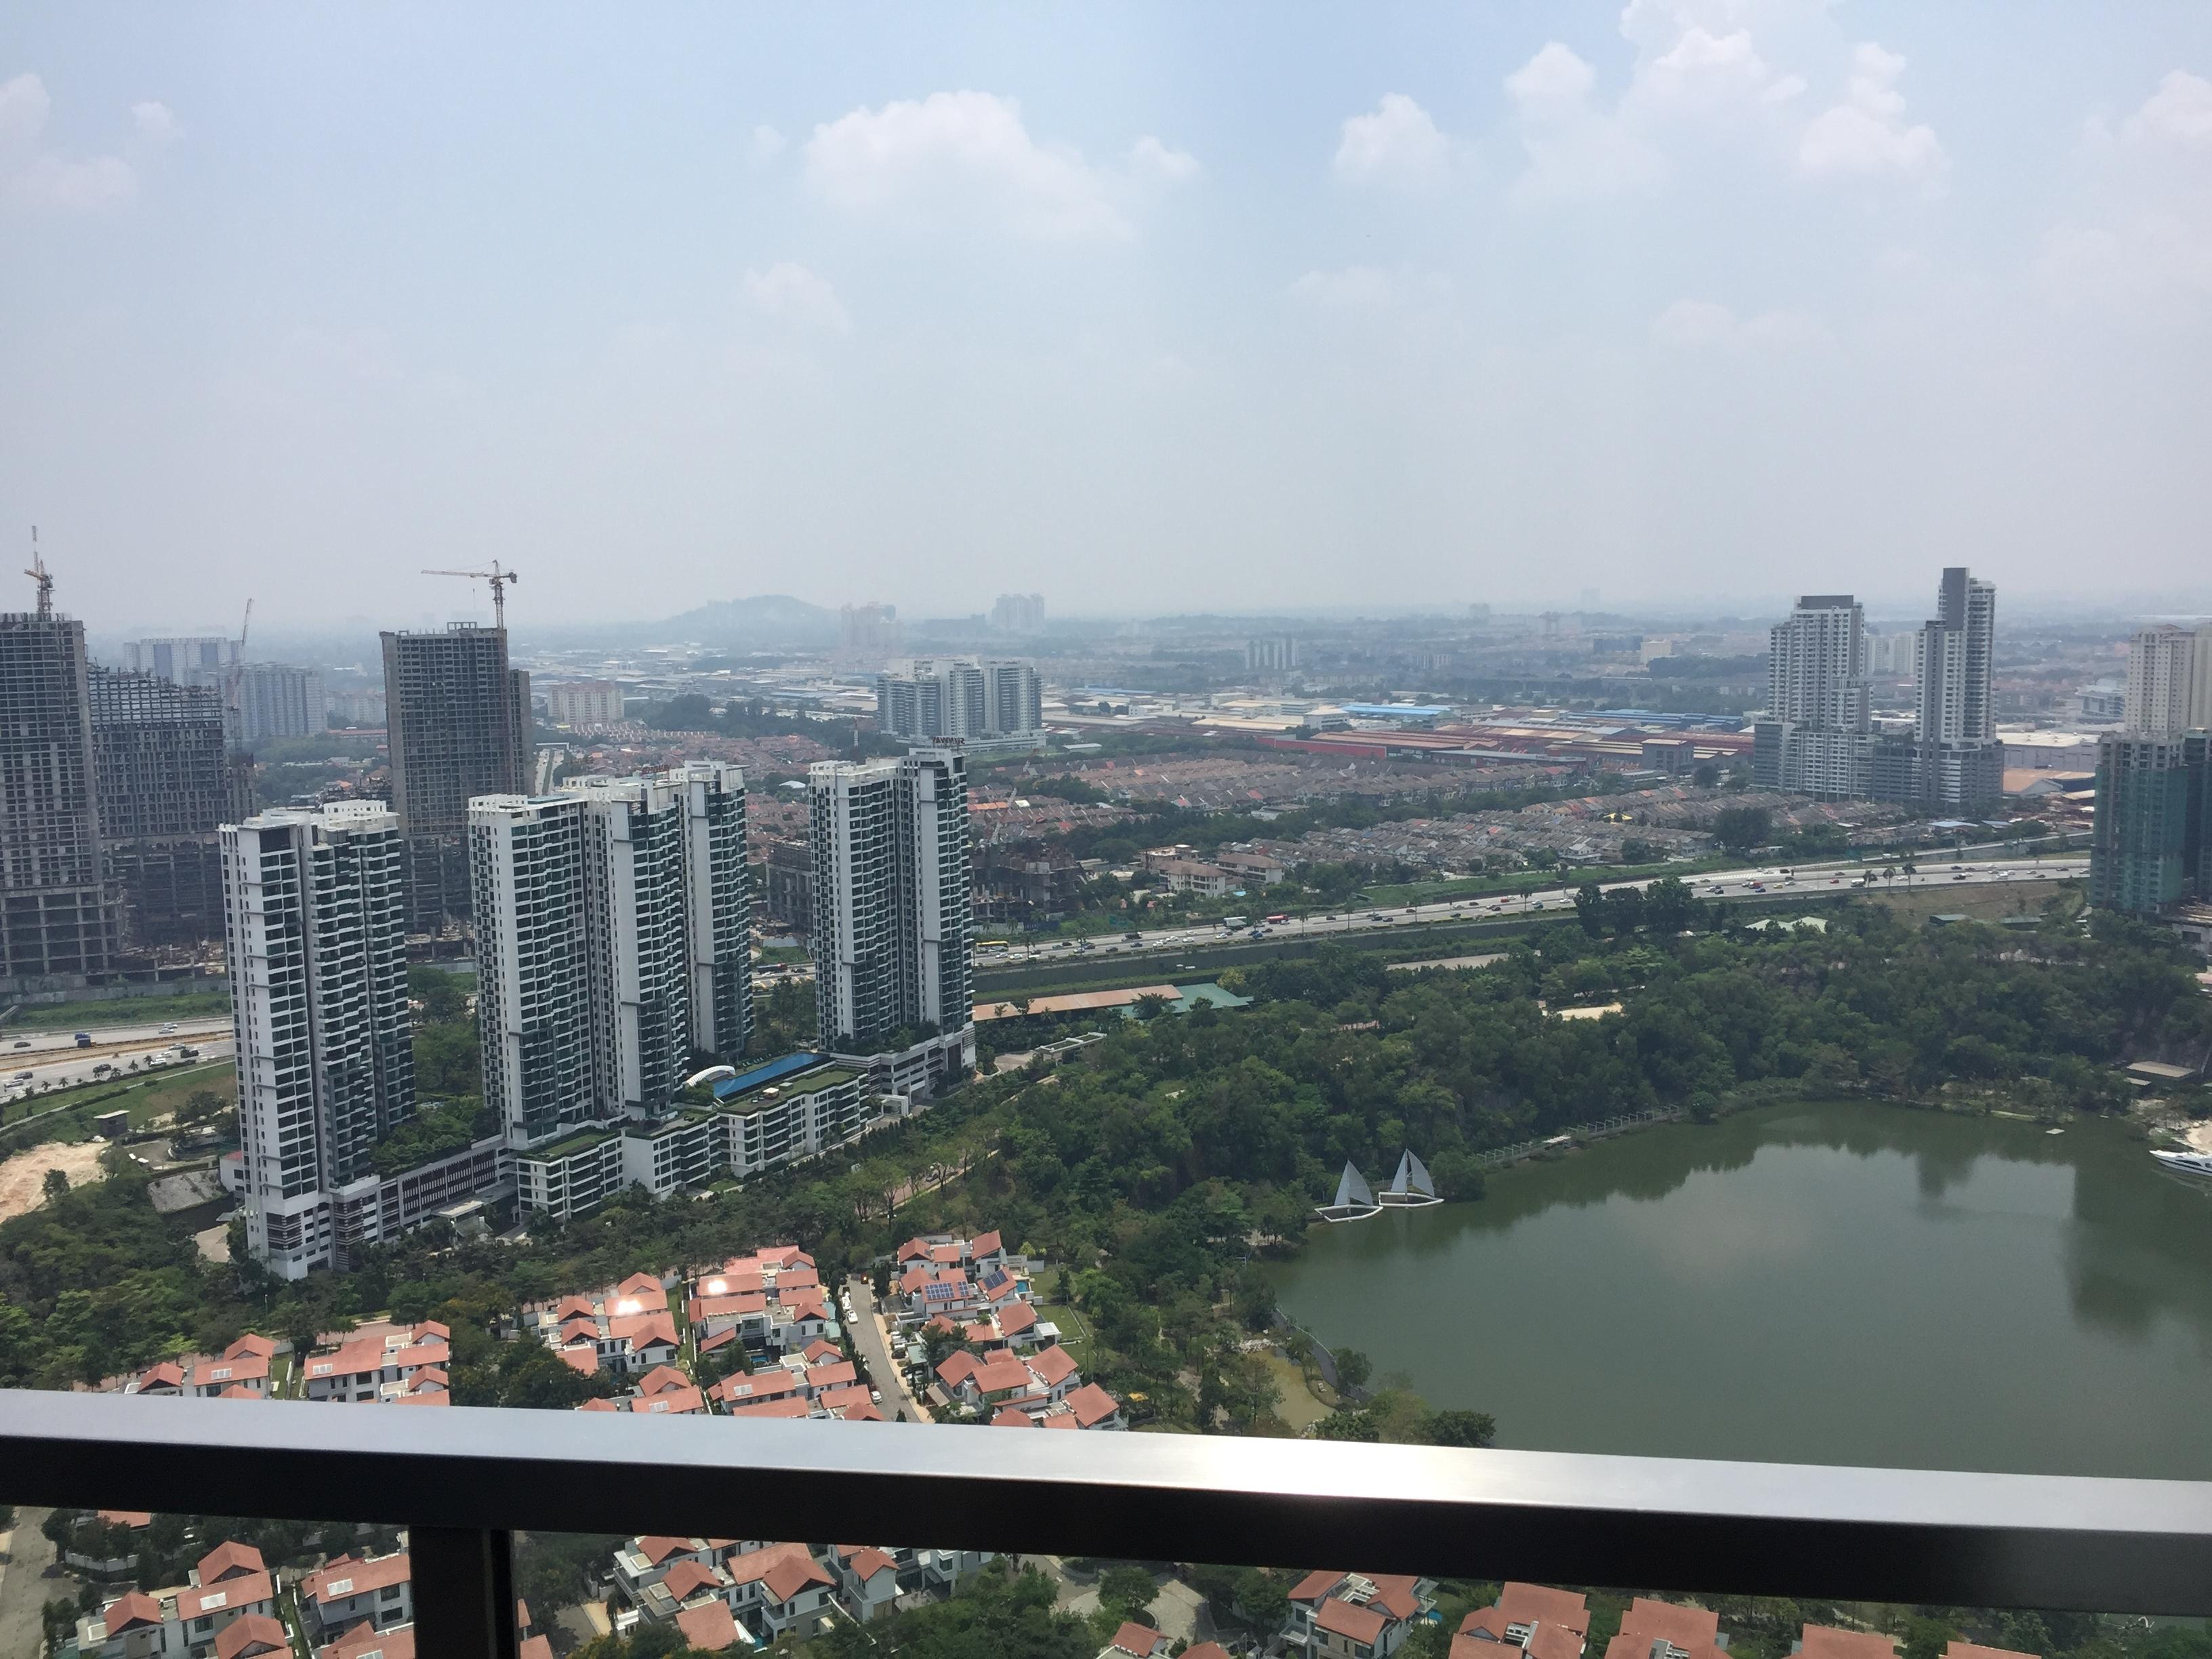 말레이시아 이민 - 왜 말레이시아에 가서 살려하는가?